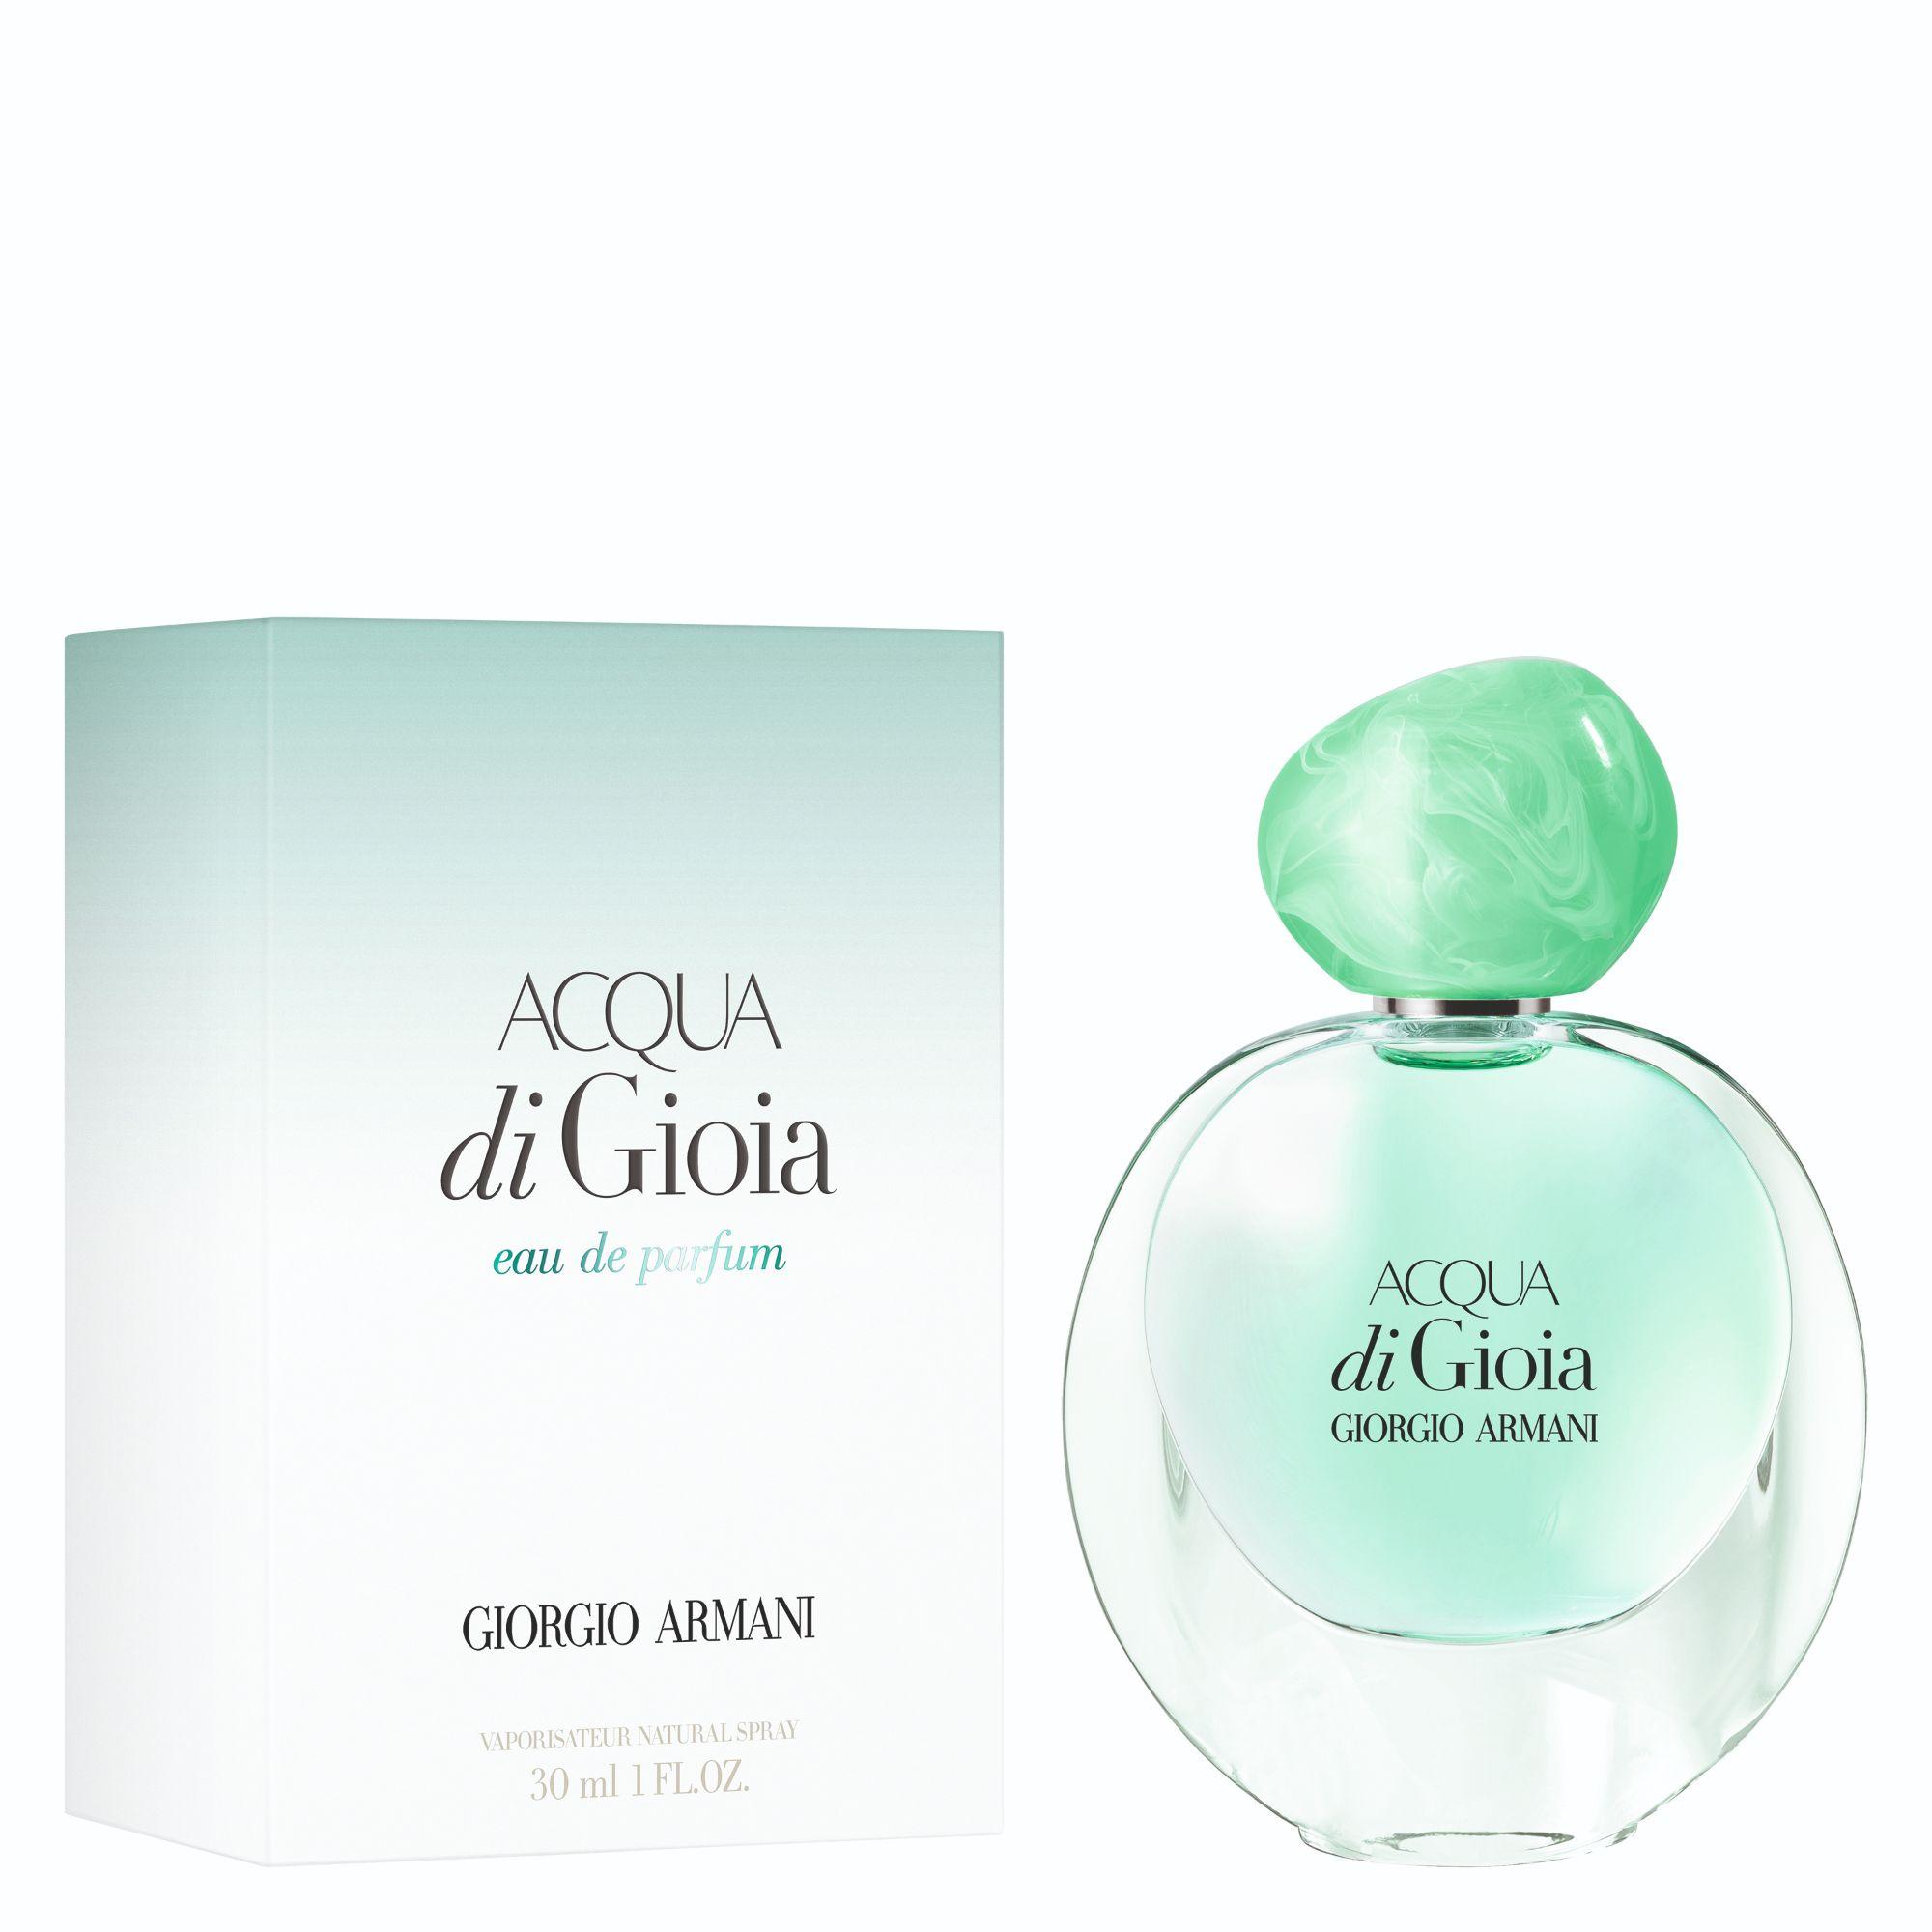 Giorgio Armani Acqua Di Gioia EDP, 30 ml